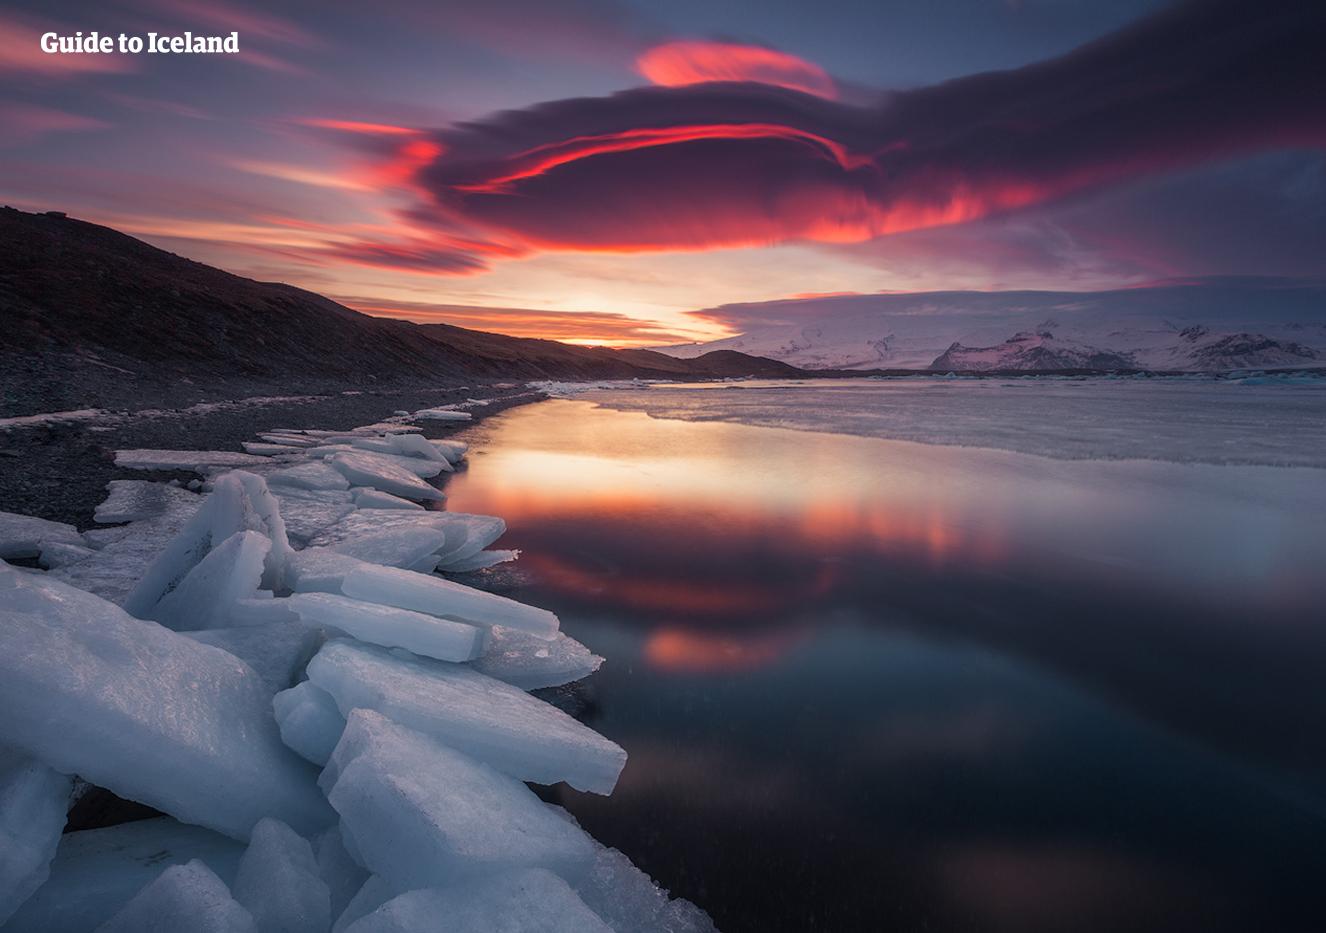 잔잔한 요쿨살론 빙하 호수 위에 내려앉은 붉은 빛 석양.